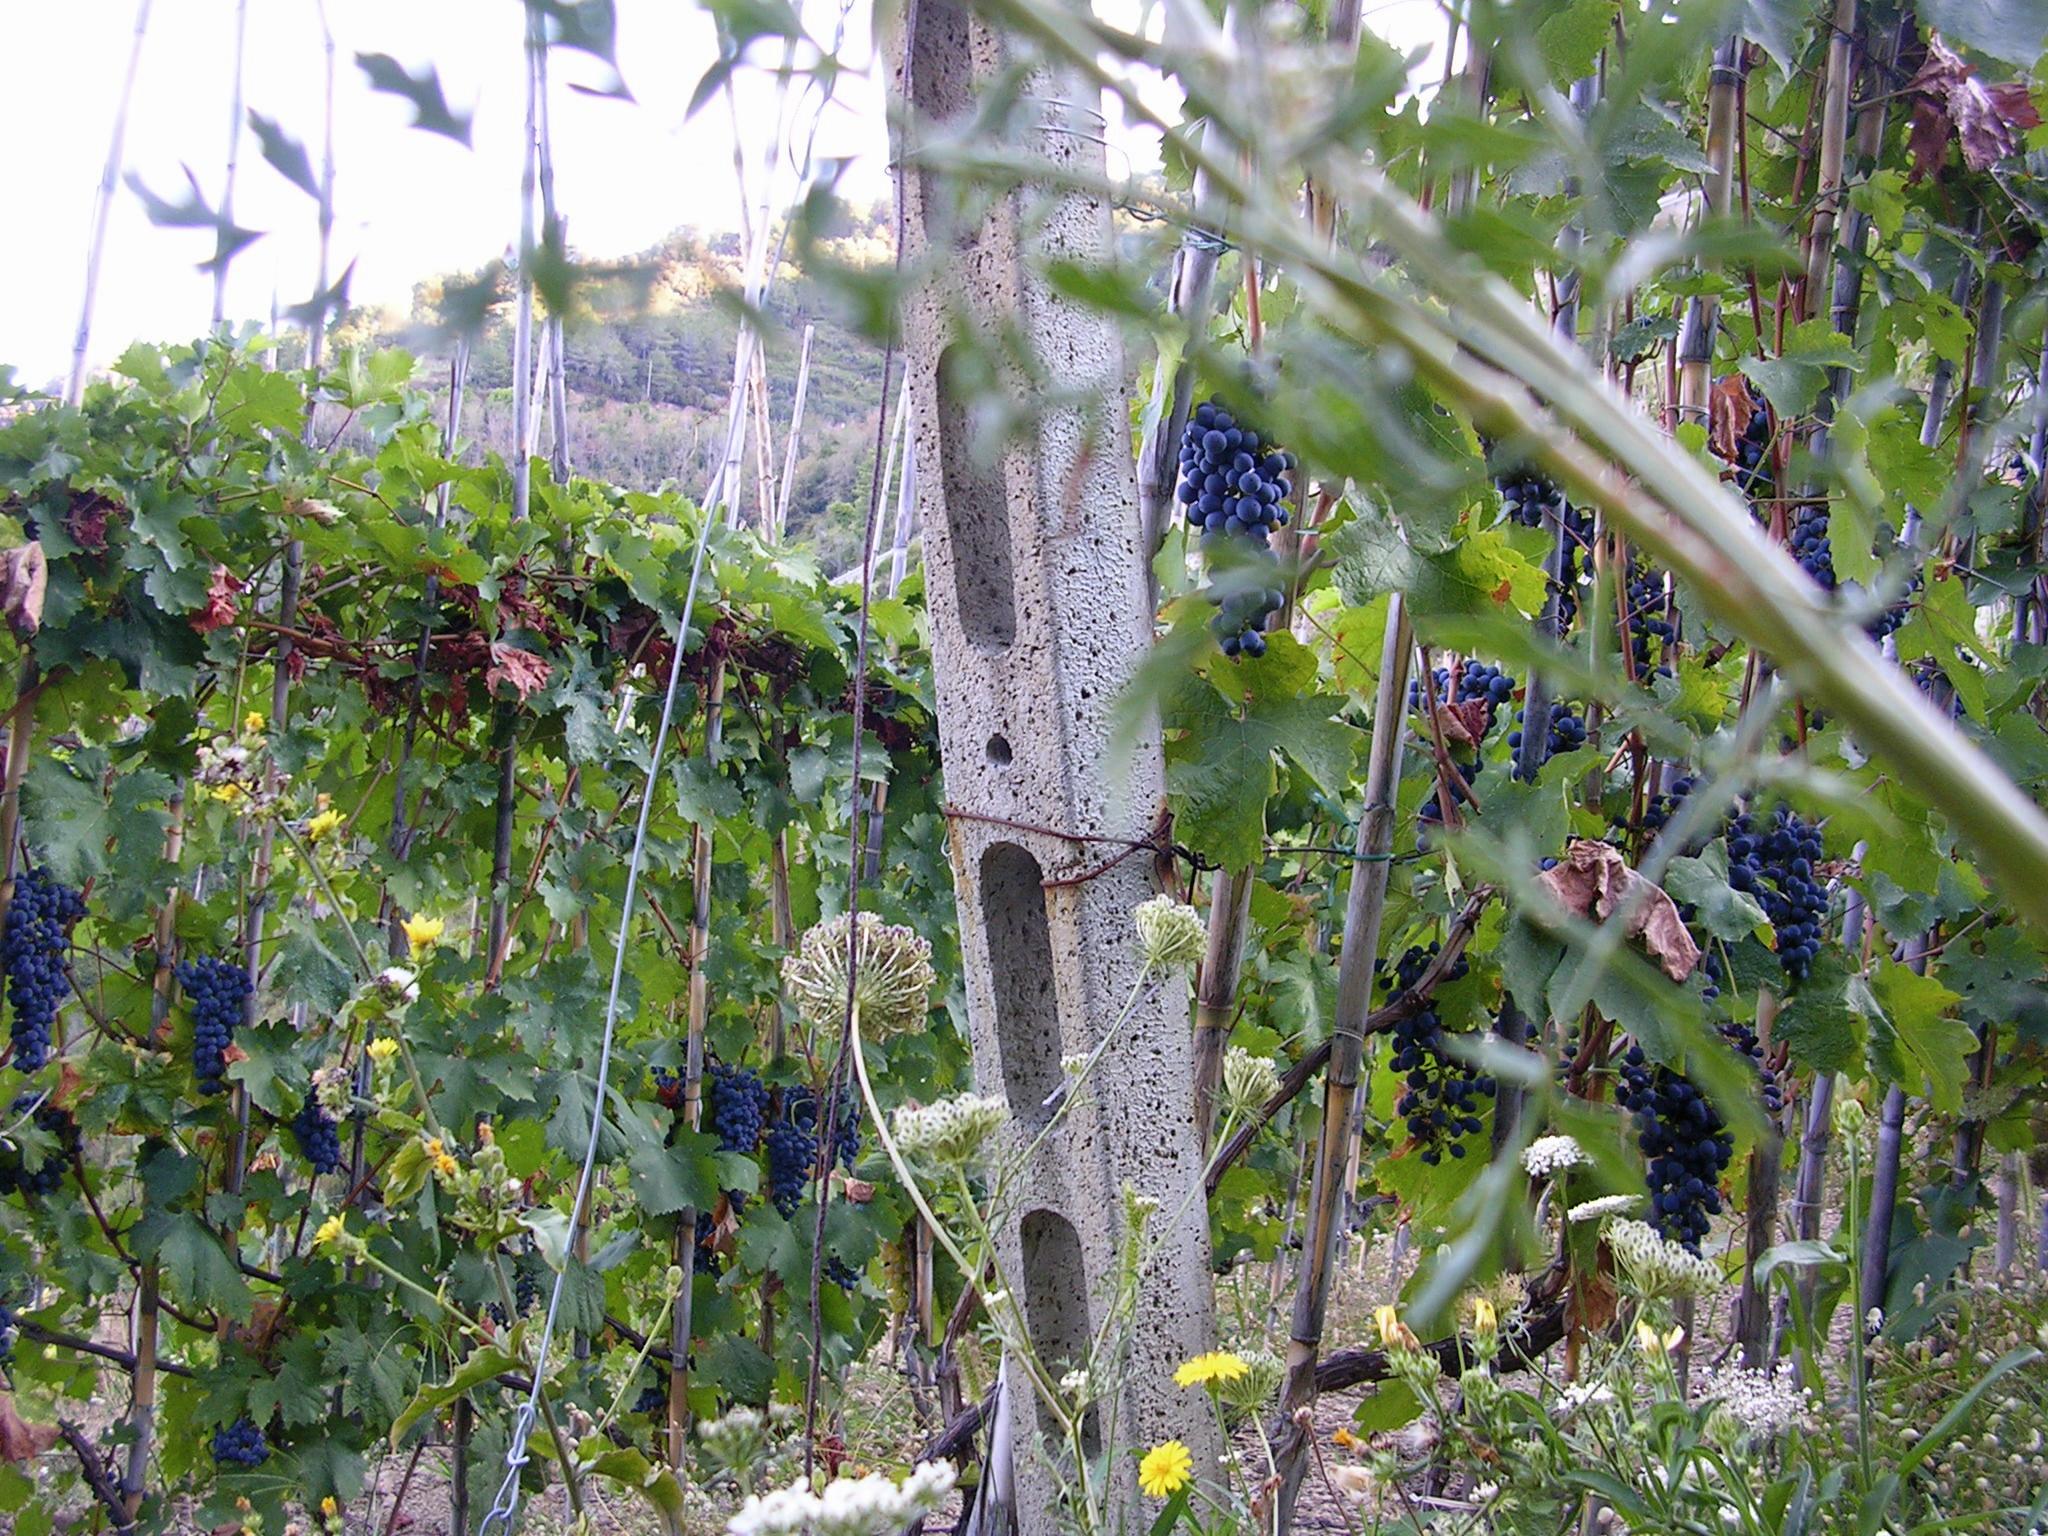 Grapes on the vine EAT.PRAY.MOVE Yoga Retreats | Tuscany, Italy